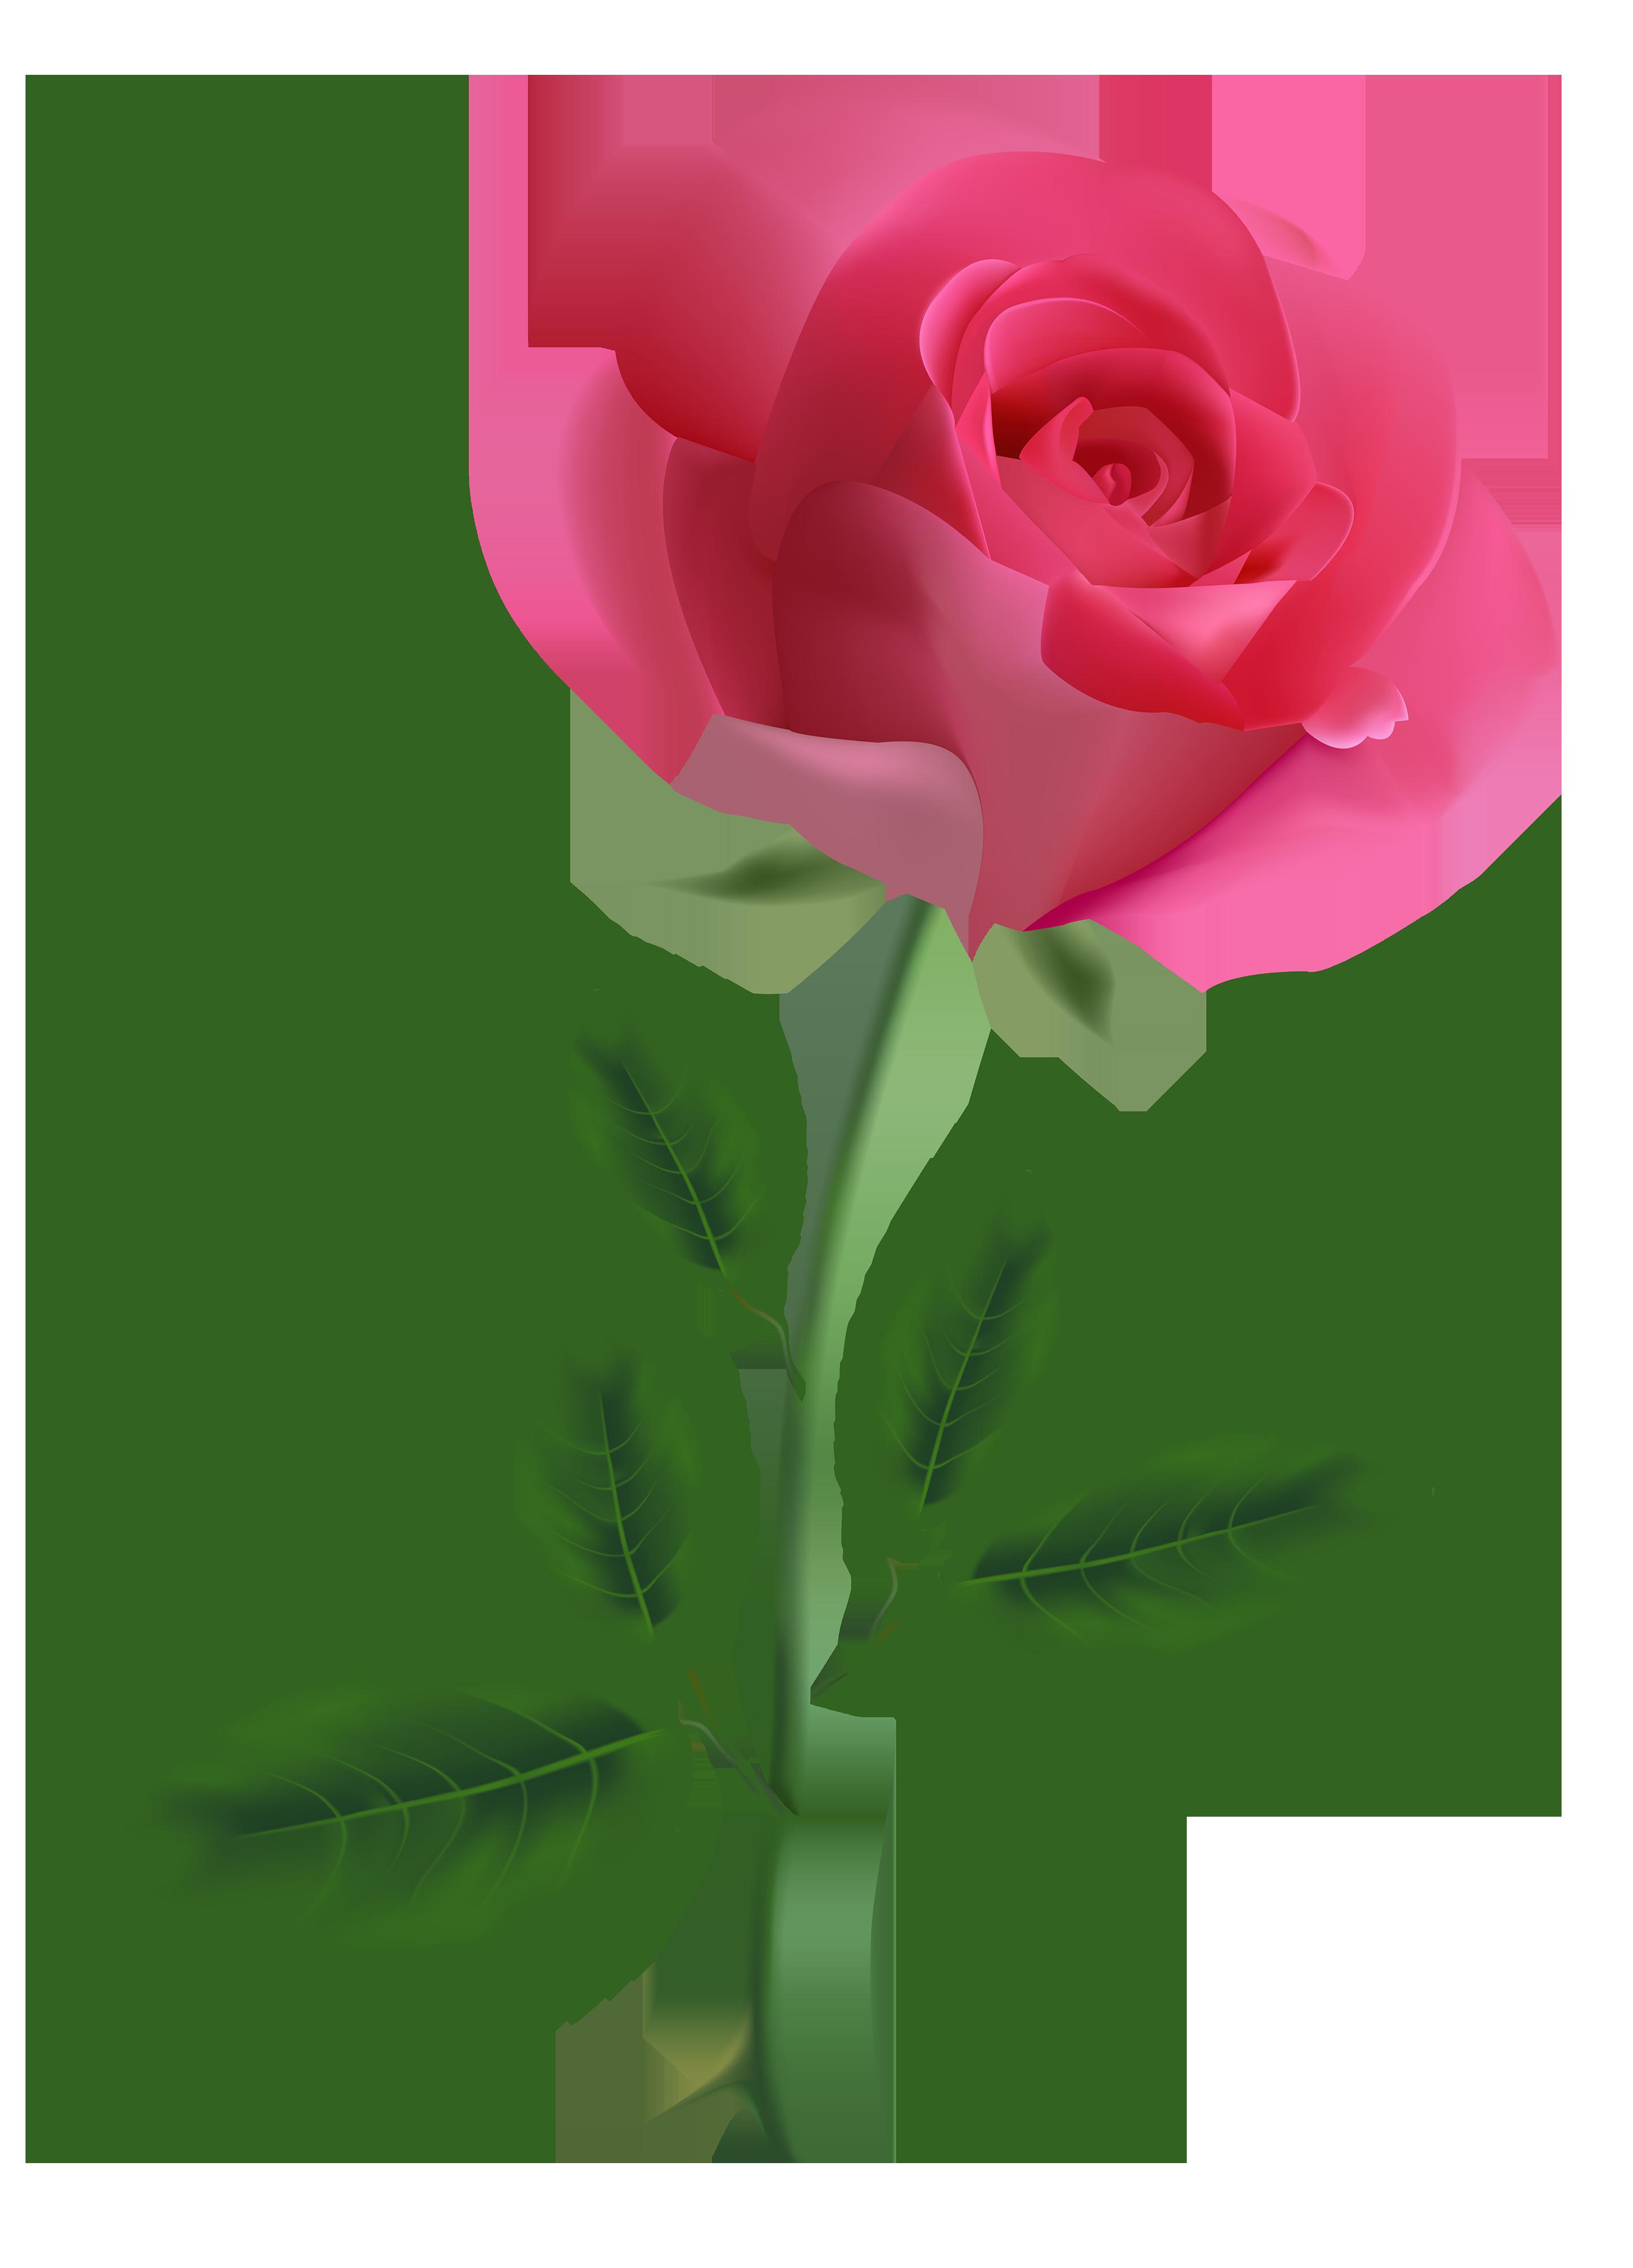 Vintage Roses Images Clipart Free Download Best Vintage Roses